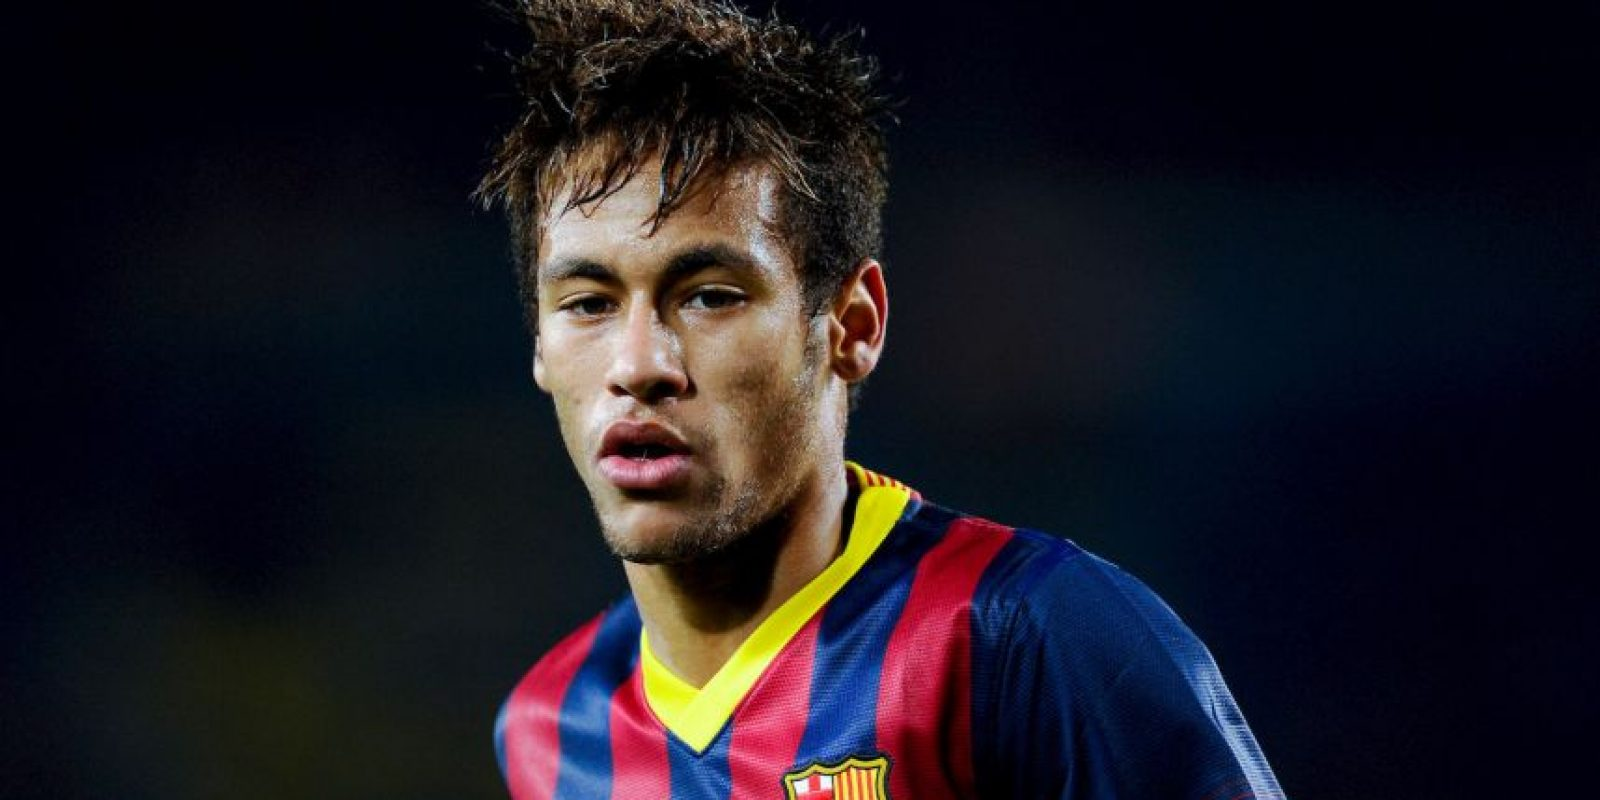 Además, fichó por el Barcelona en el mercado de fichajes de verano. Foto:Getty Images